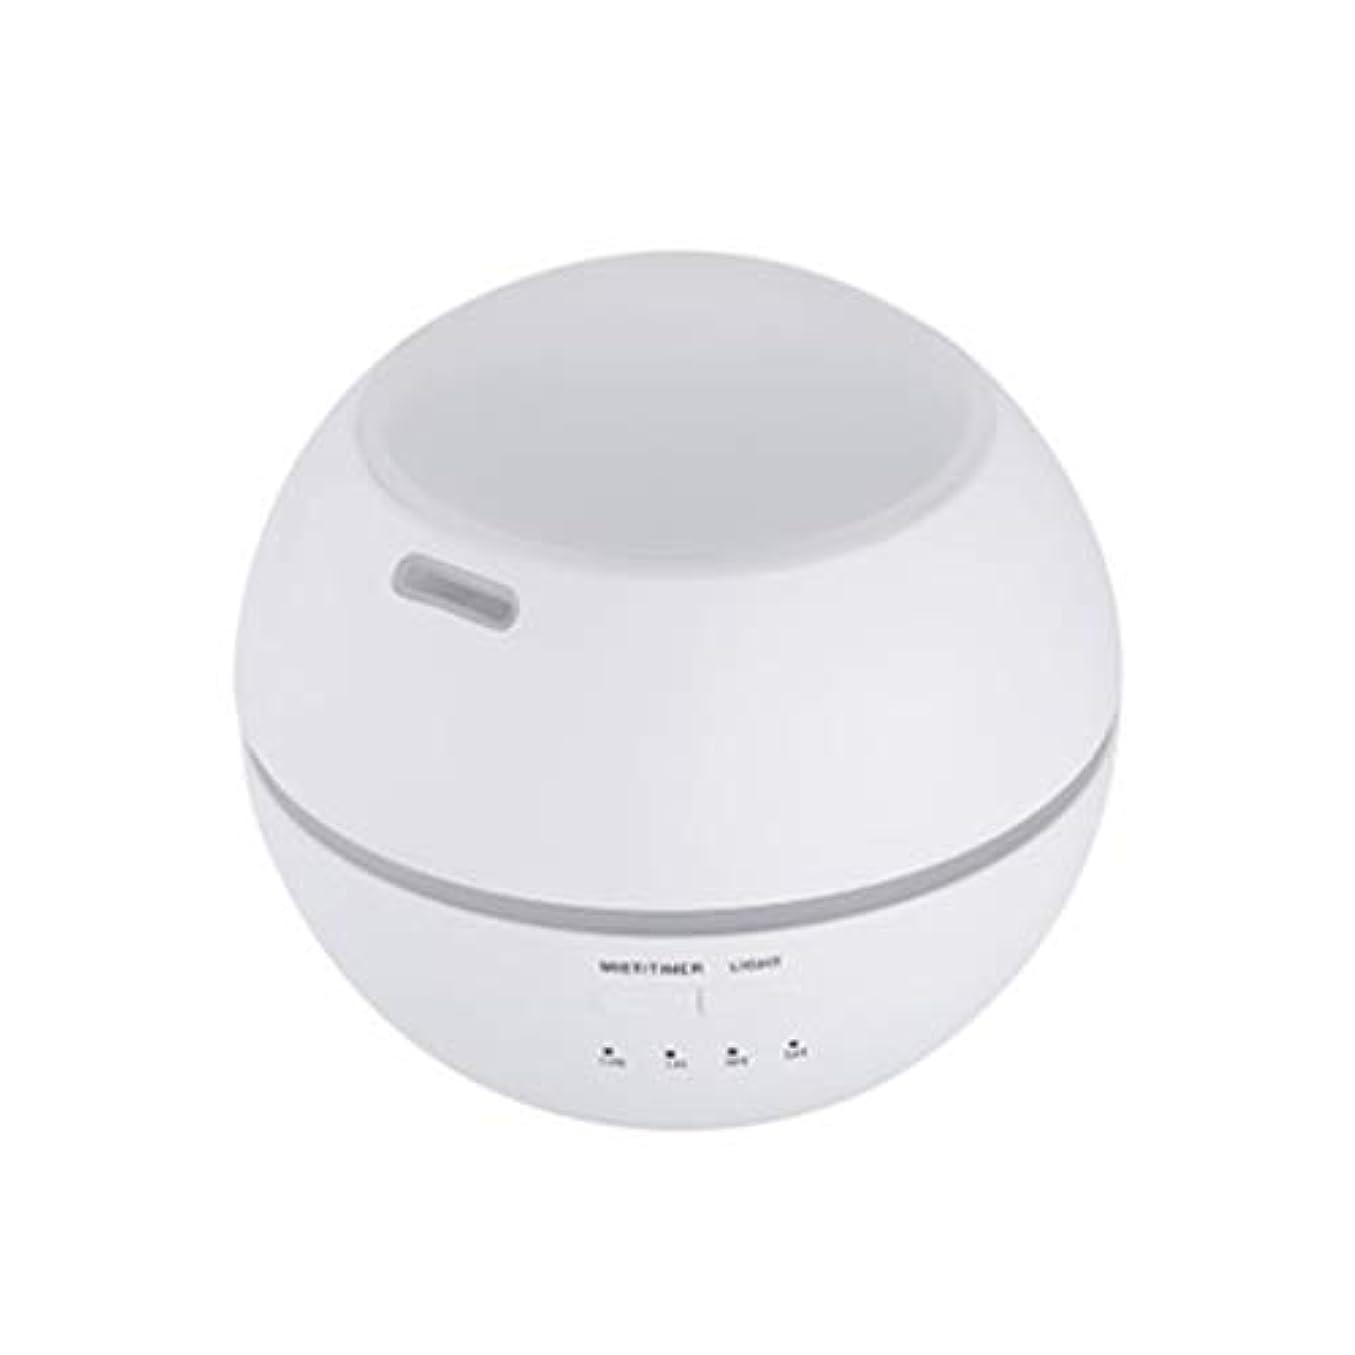 作ります一致かどうかマルチライトマシンクリエイティブ超音波加湿器ランプ家庭用必須ディフューザーギフト (Color : White)